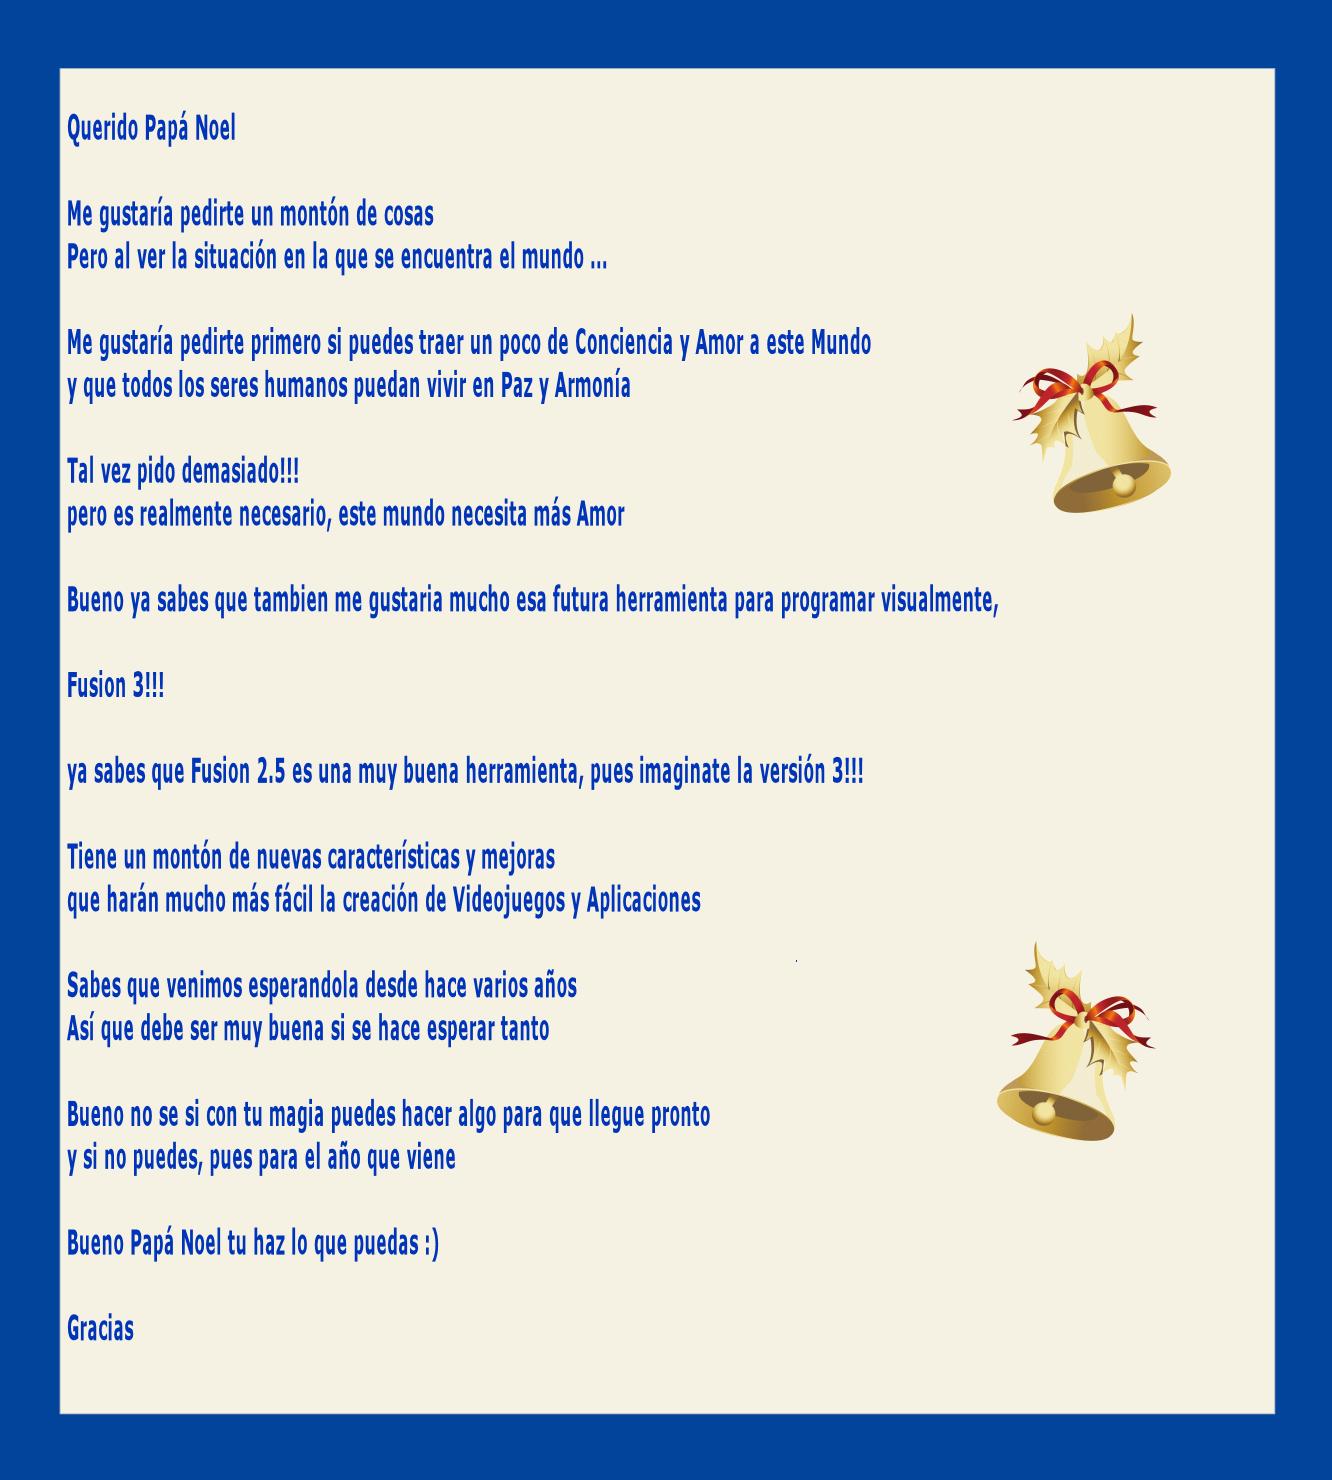 Blog - Hablando de Fusion 3 - Página 6 Cartaes-53a1572